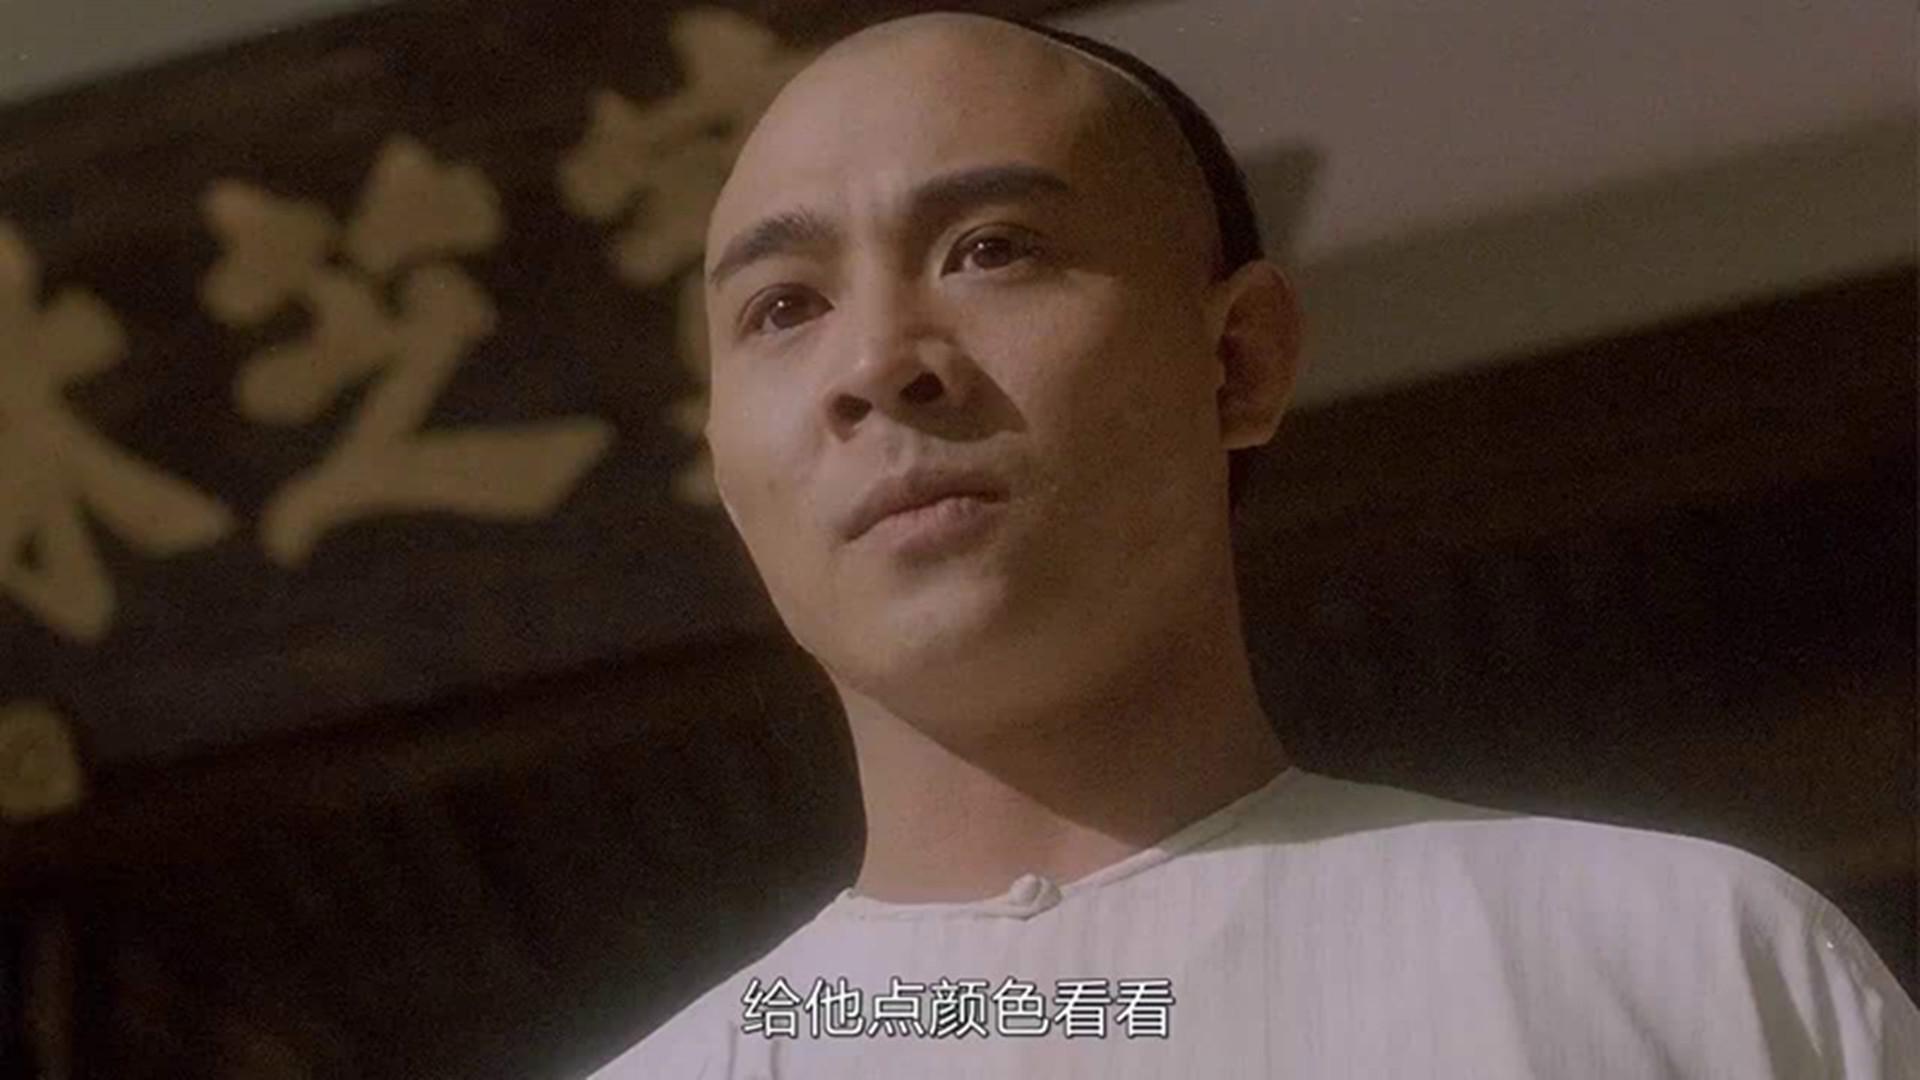 盘点以真实人物命名的经典武侠电影,李连杰就占了三个